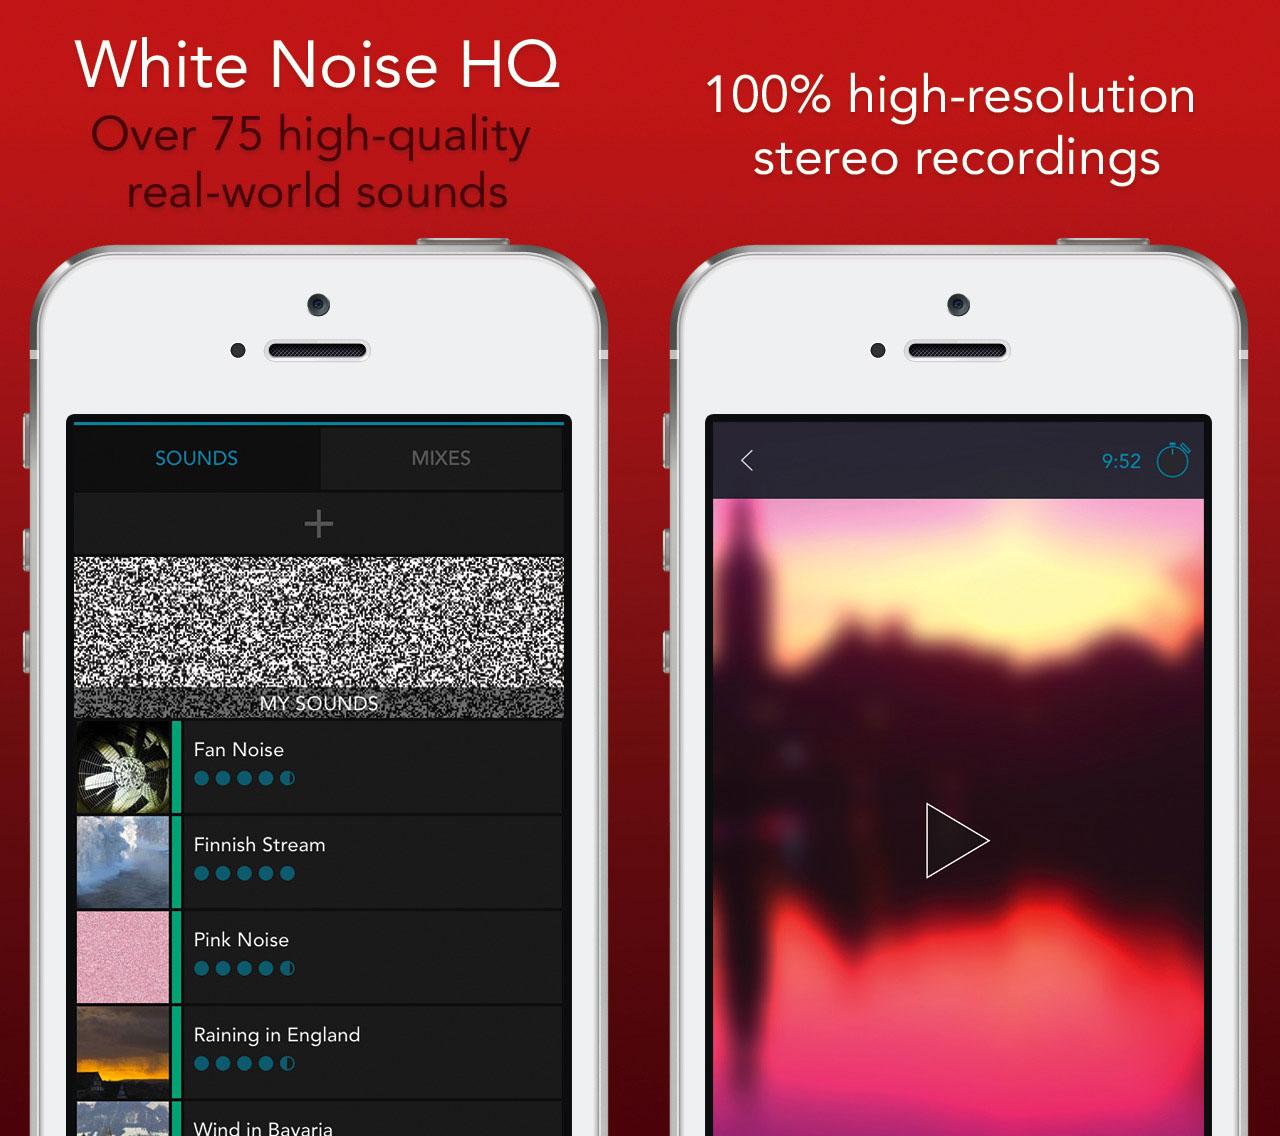 White Noise HQ